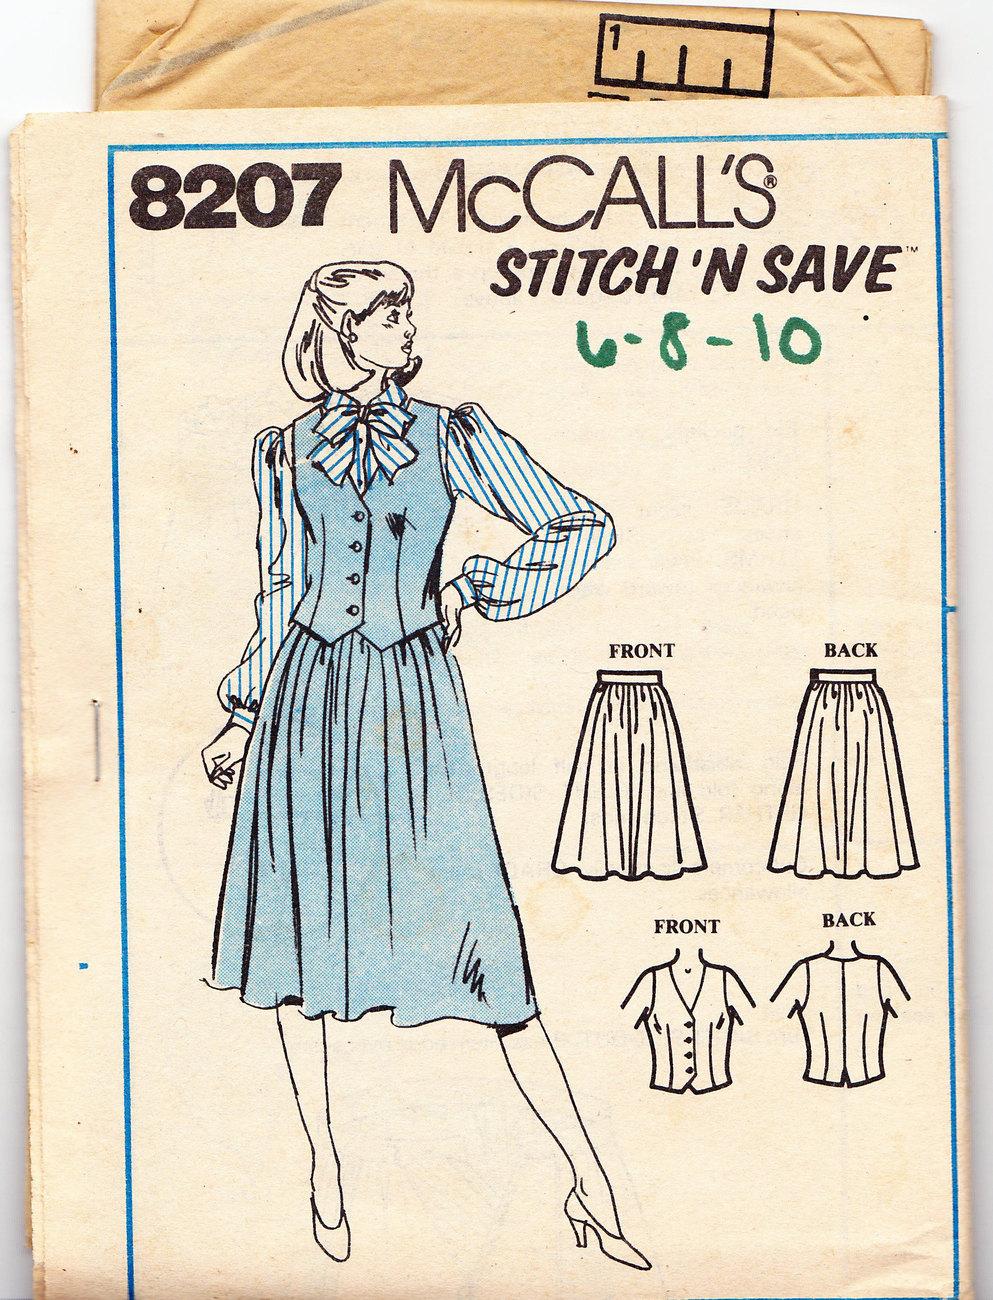 McCALL'S STITCH 'N SAVE PATTERN 8207 MISS VEST SKIRT SZ. 6-1 Bonanza